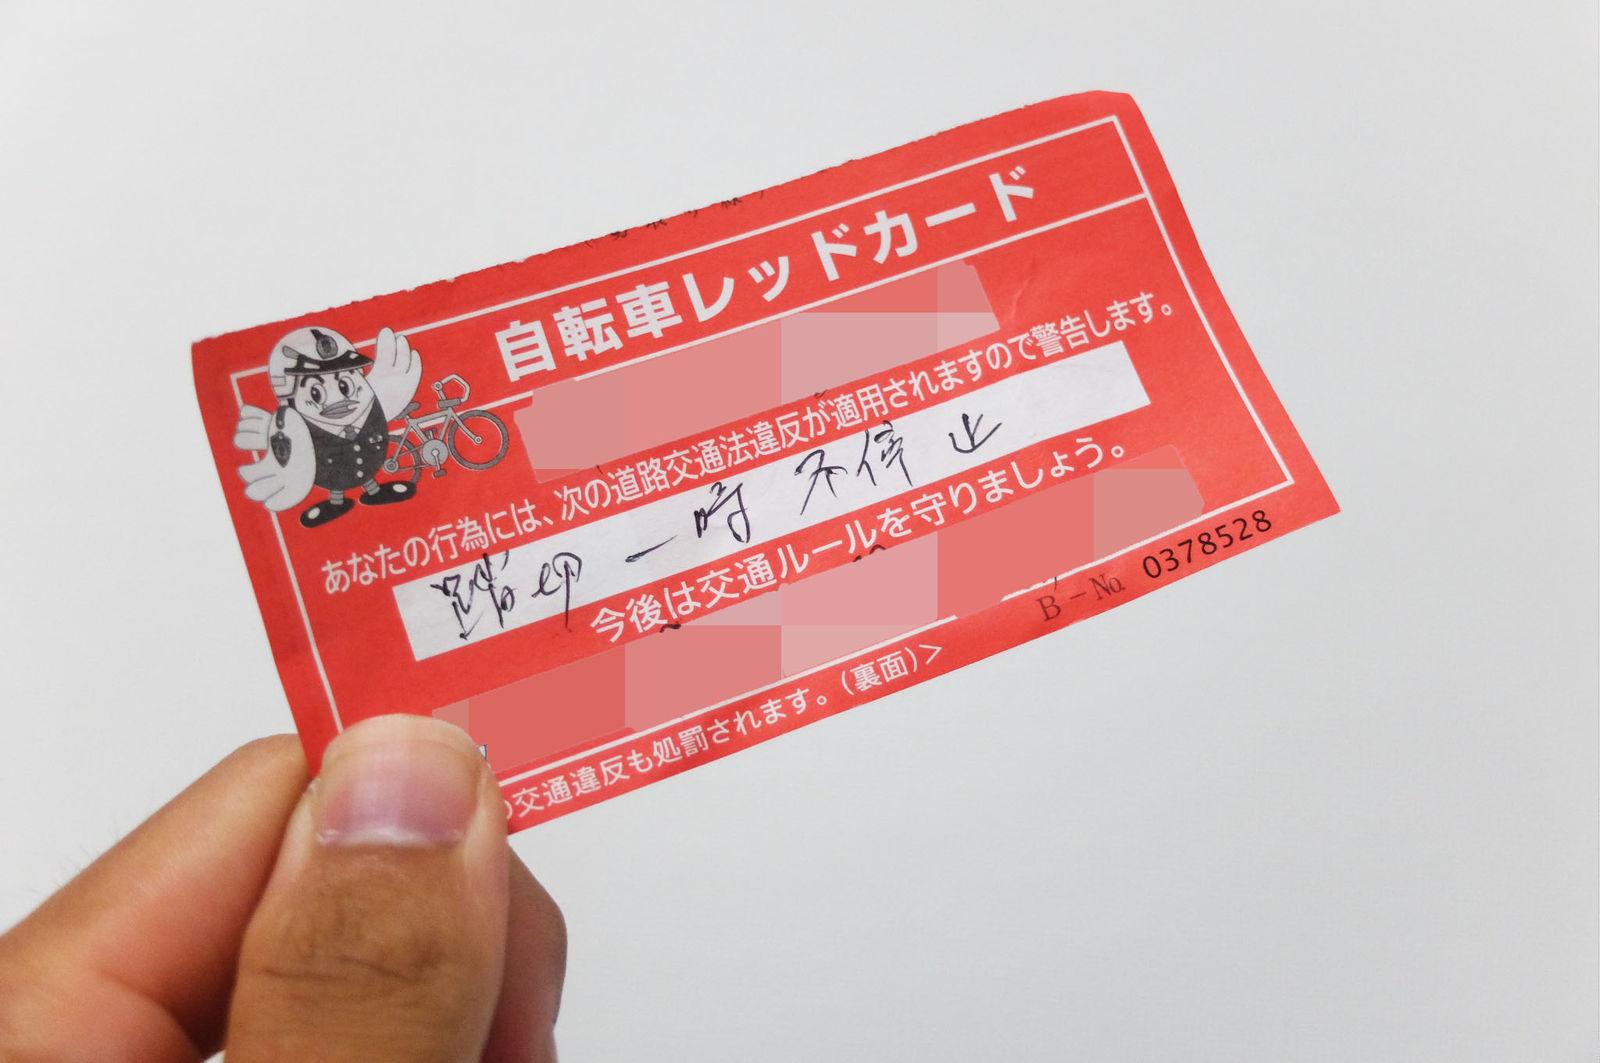 カード 自転車 レッド 自転車レッドカード、イエローカード(自転車警告指導カード)と赤切符との違い